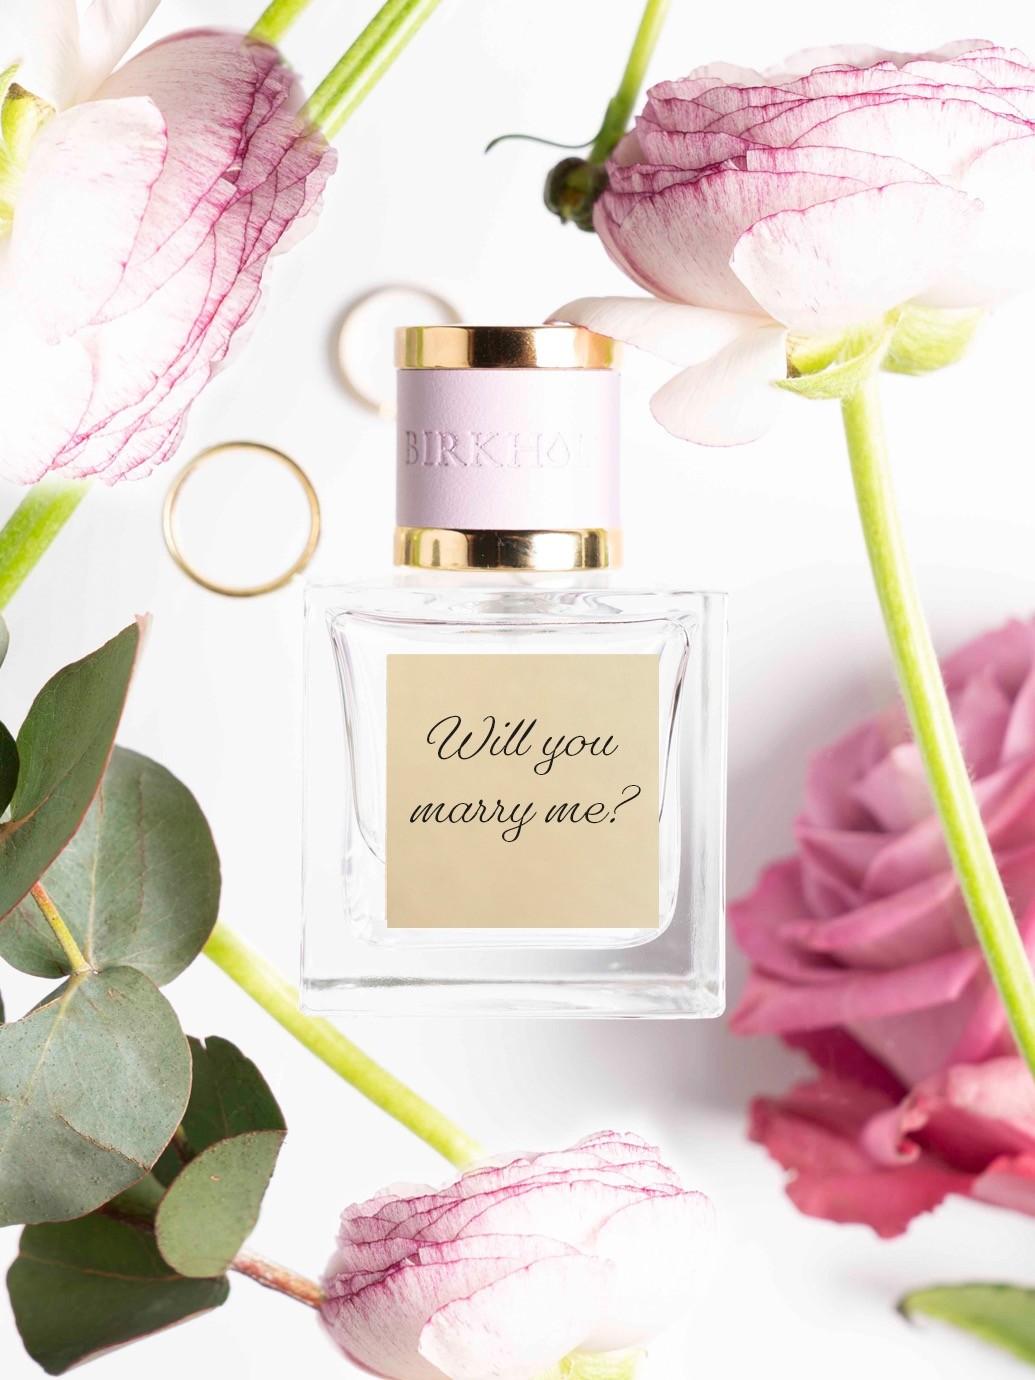 Parfüm für den Heiratsantrag von Birkholz